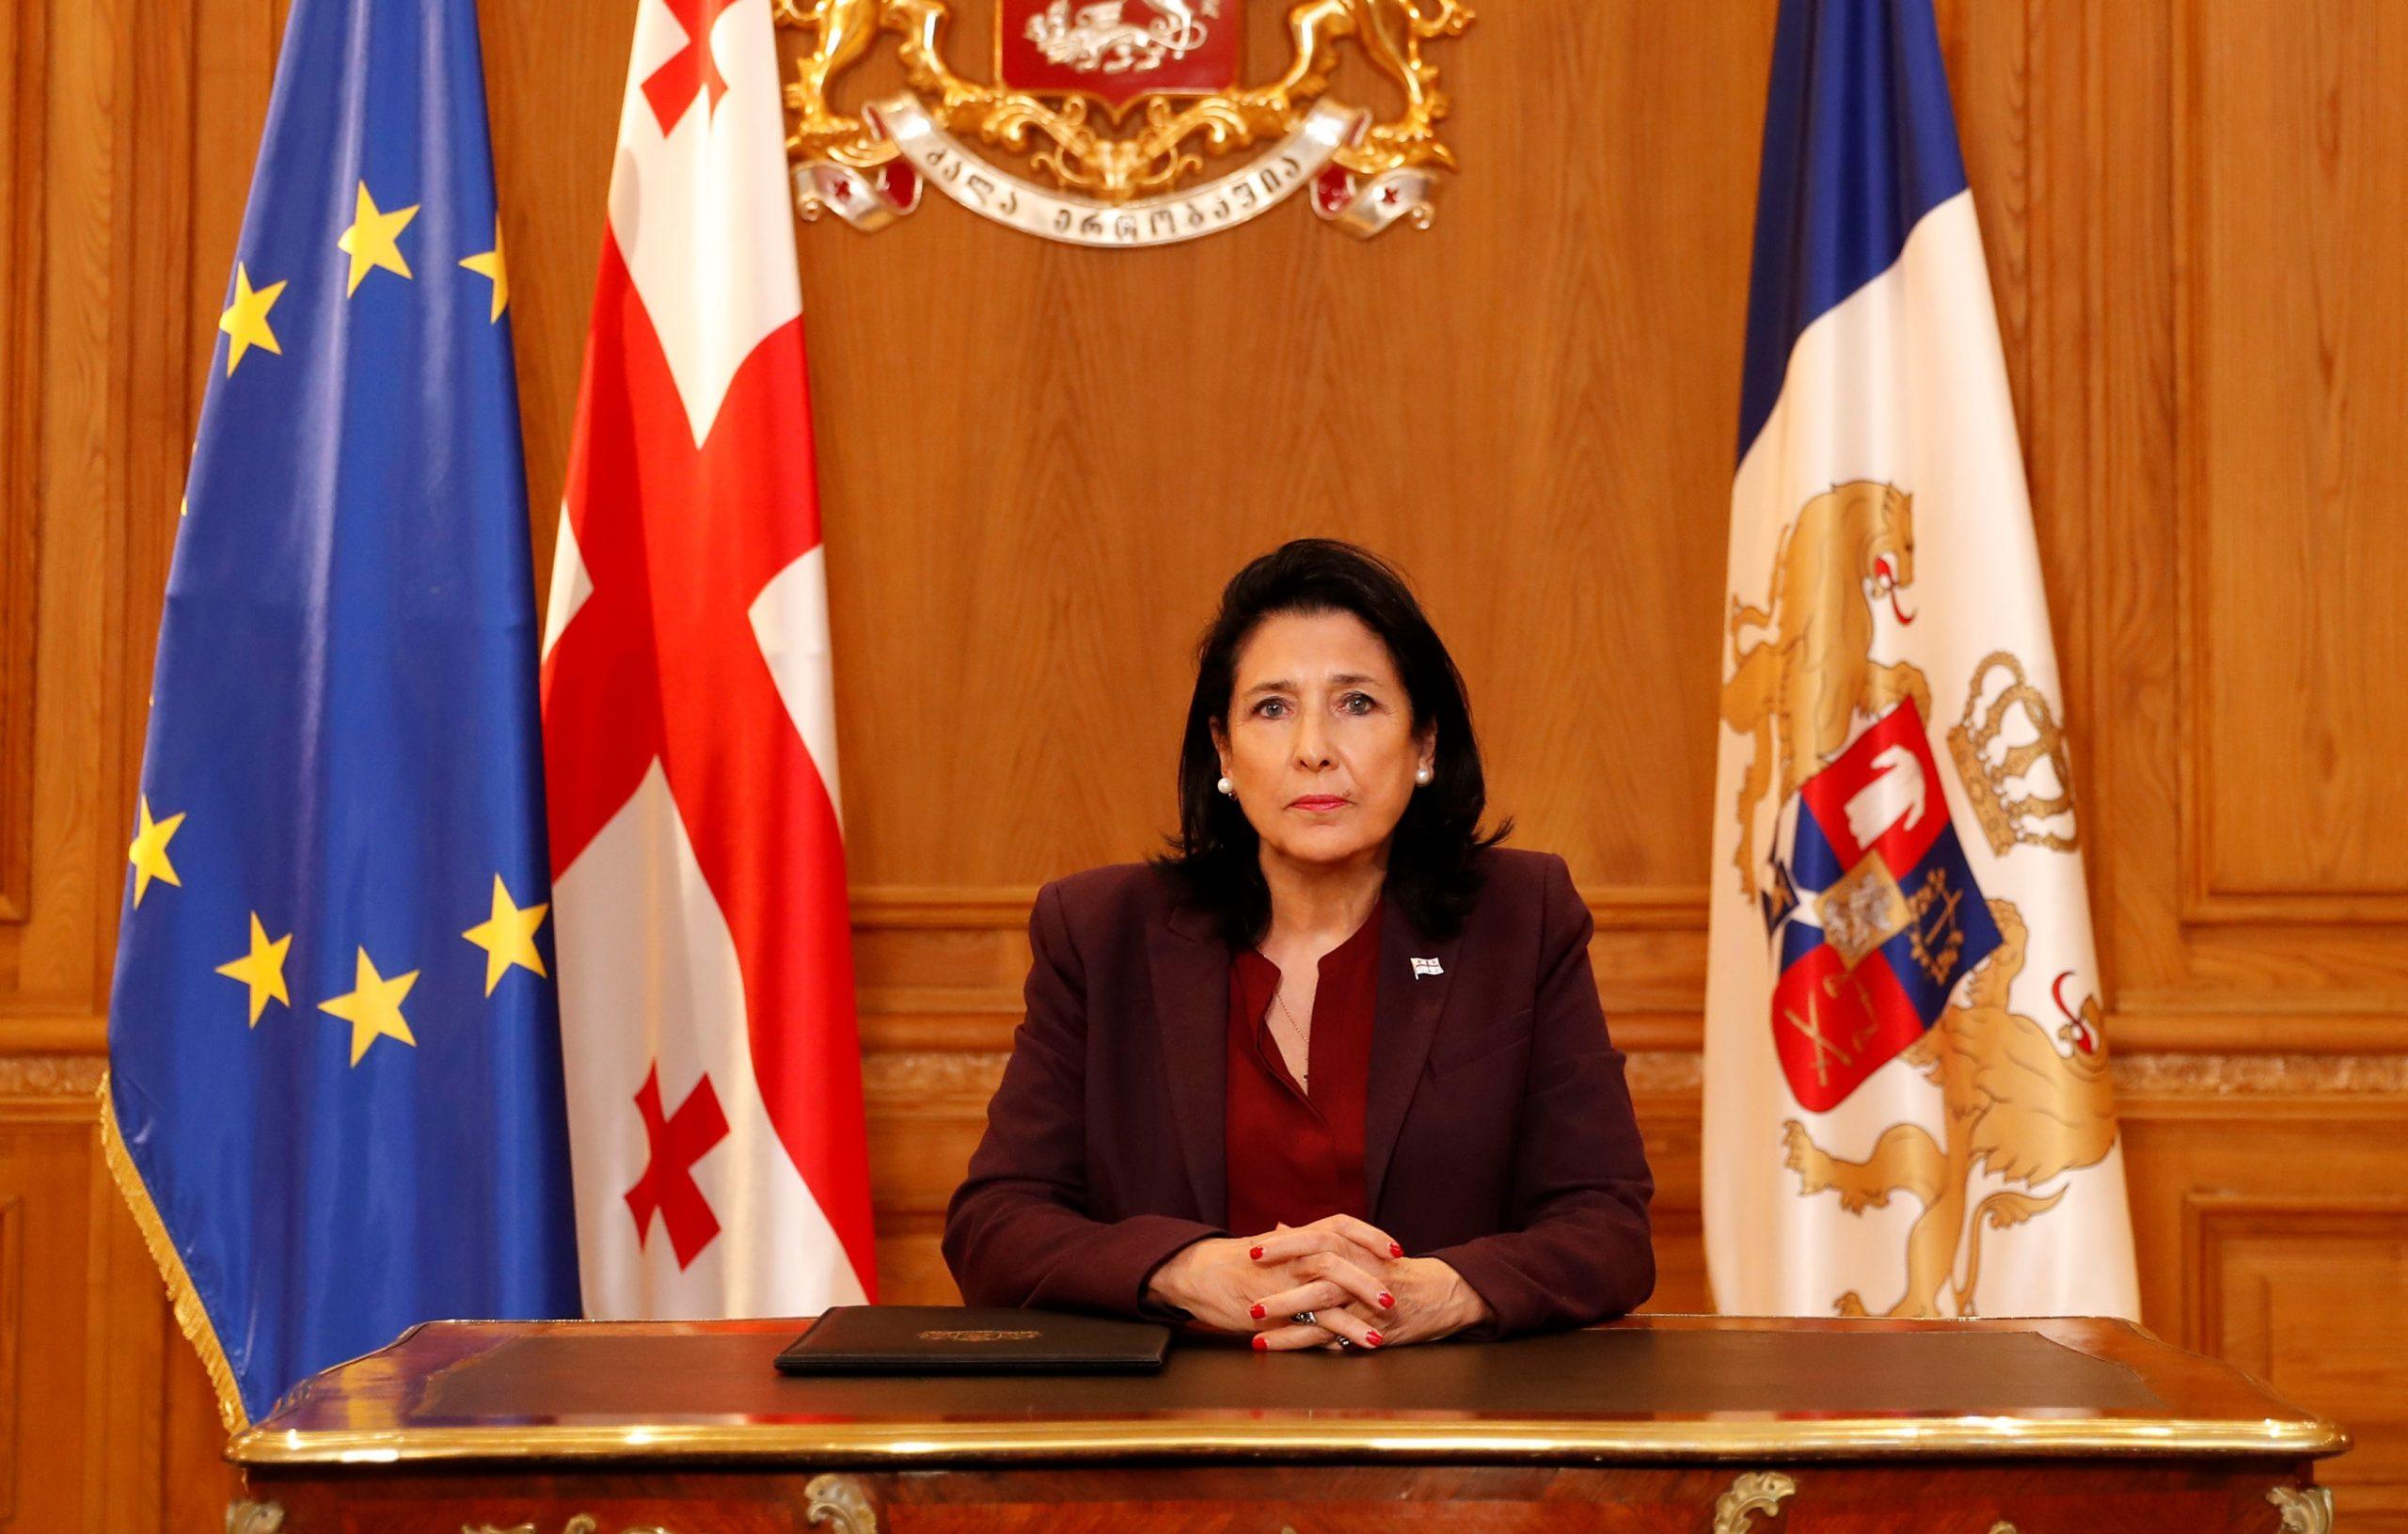 Salome Zourabishvili 44 scaled закон «Об общественном здоровье» закон «Об общественном здоровье»